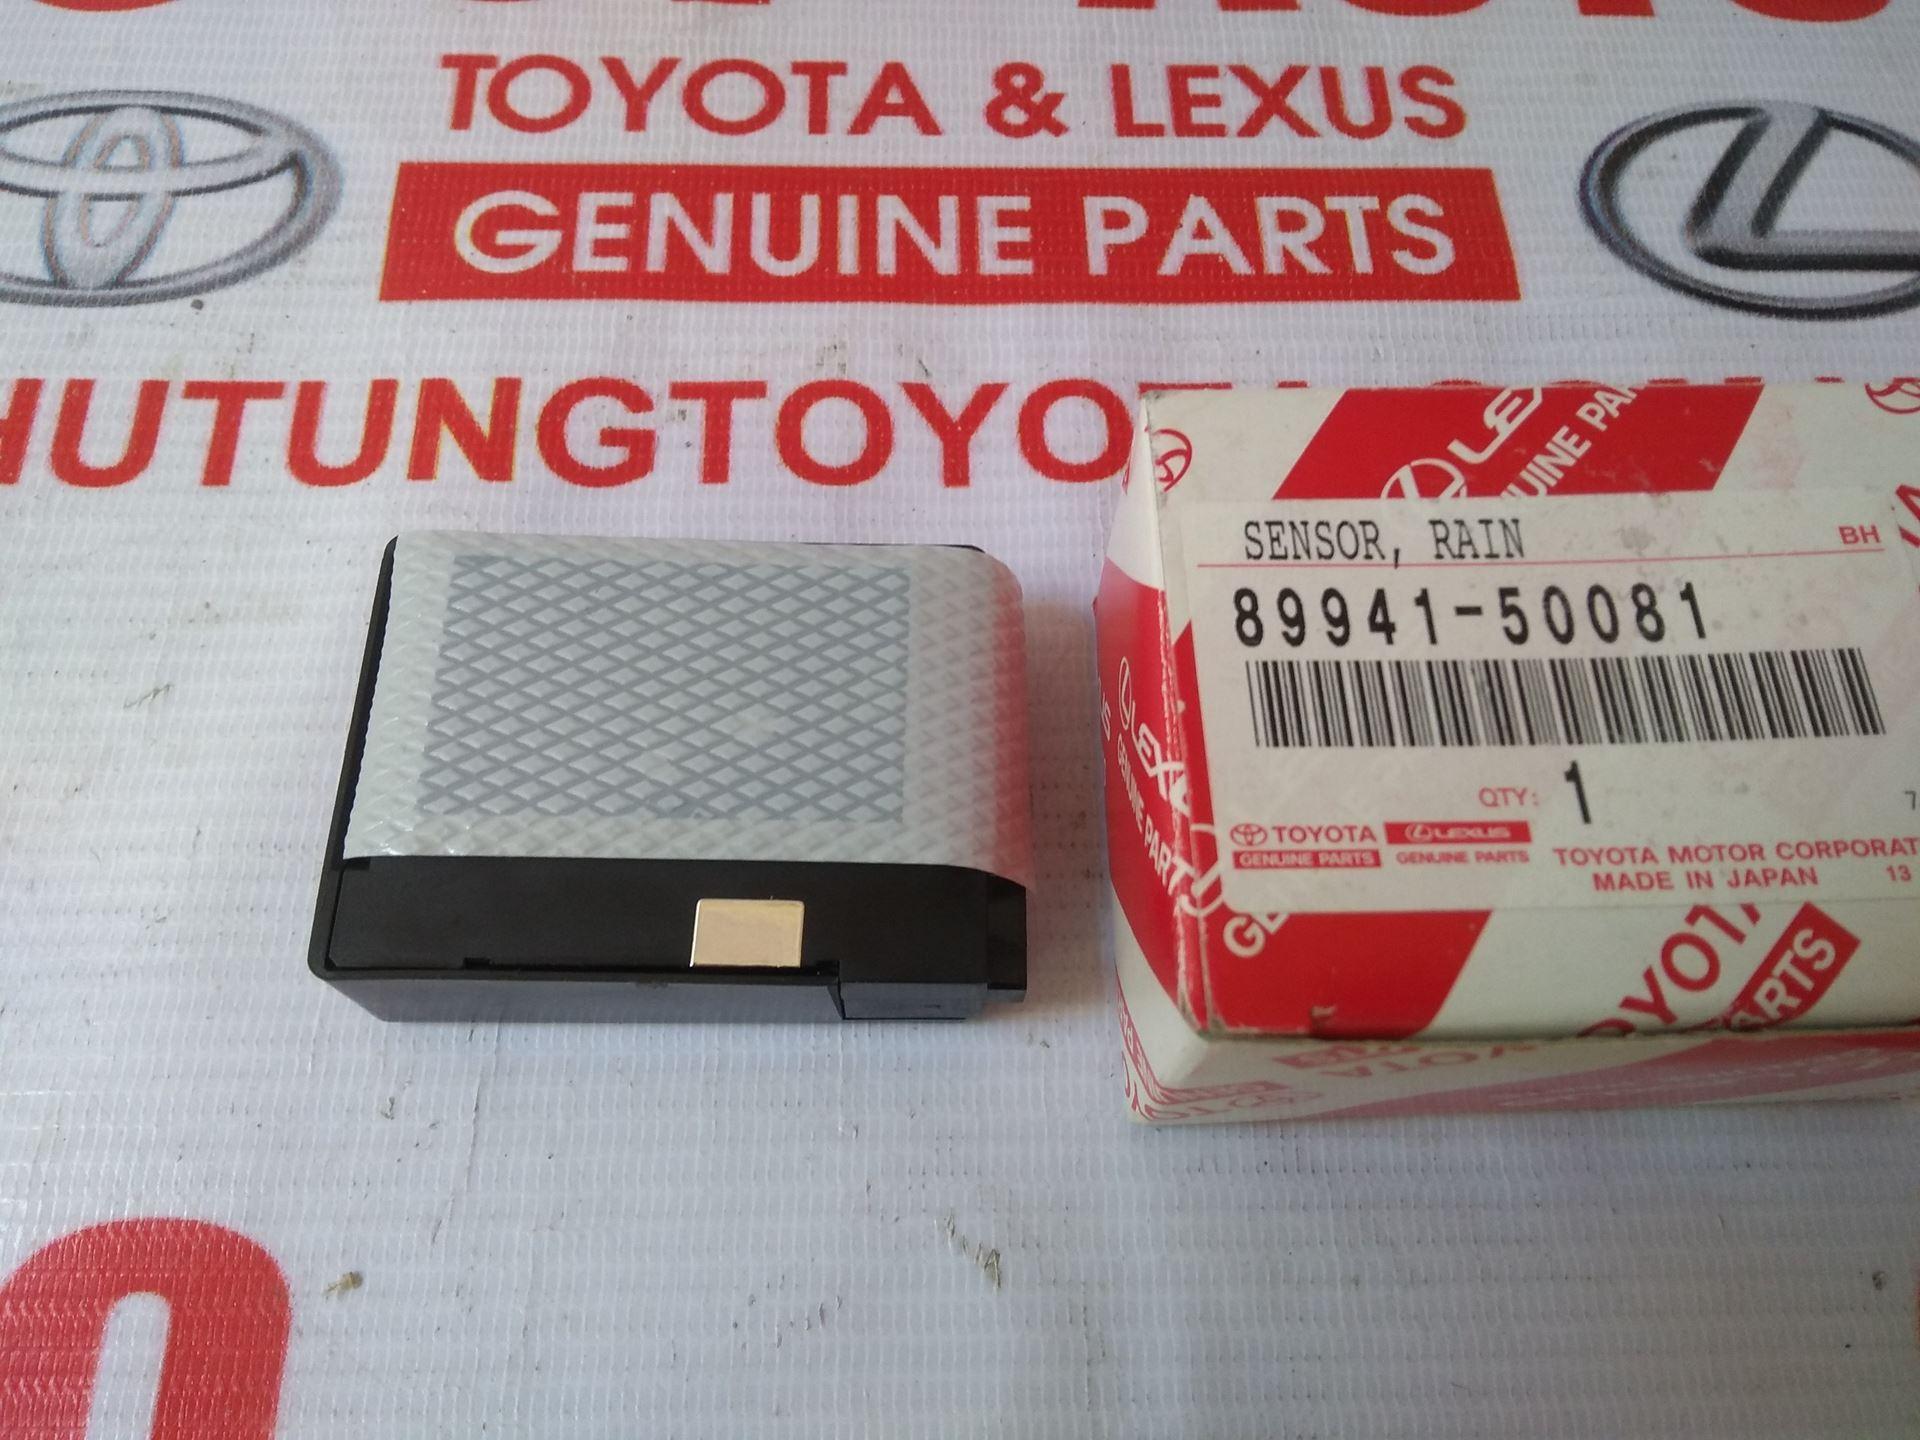 Picture of 89941-50081 Cảm biến báo gạt mưa Toyota Lexus chính hãng